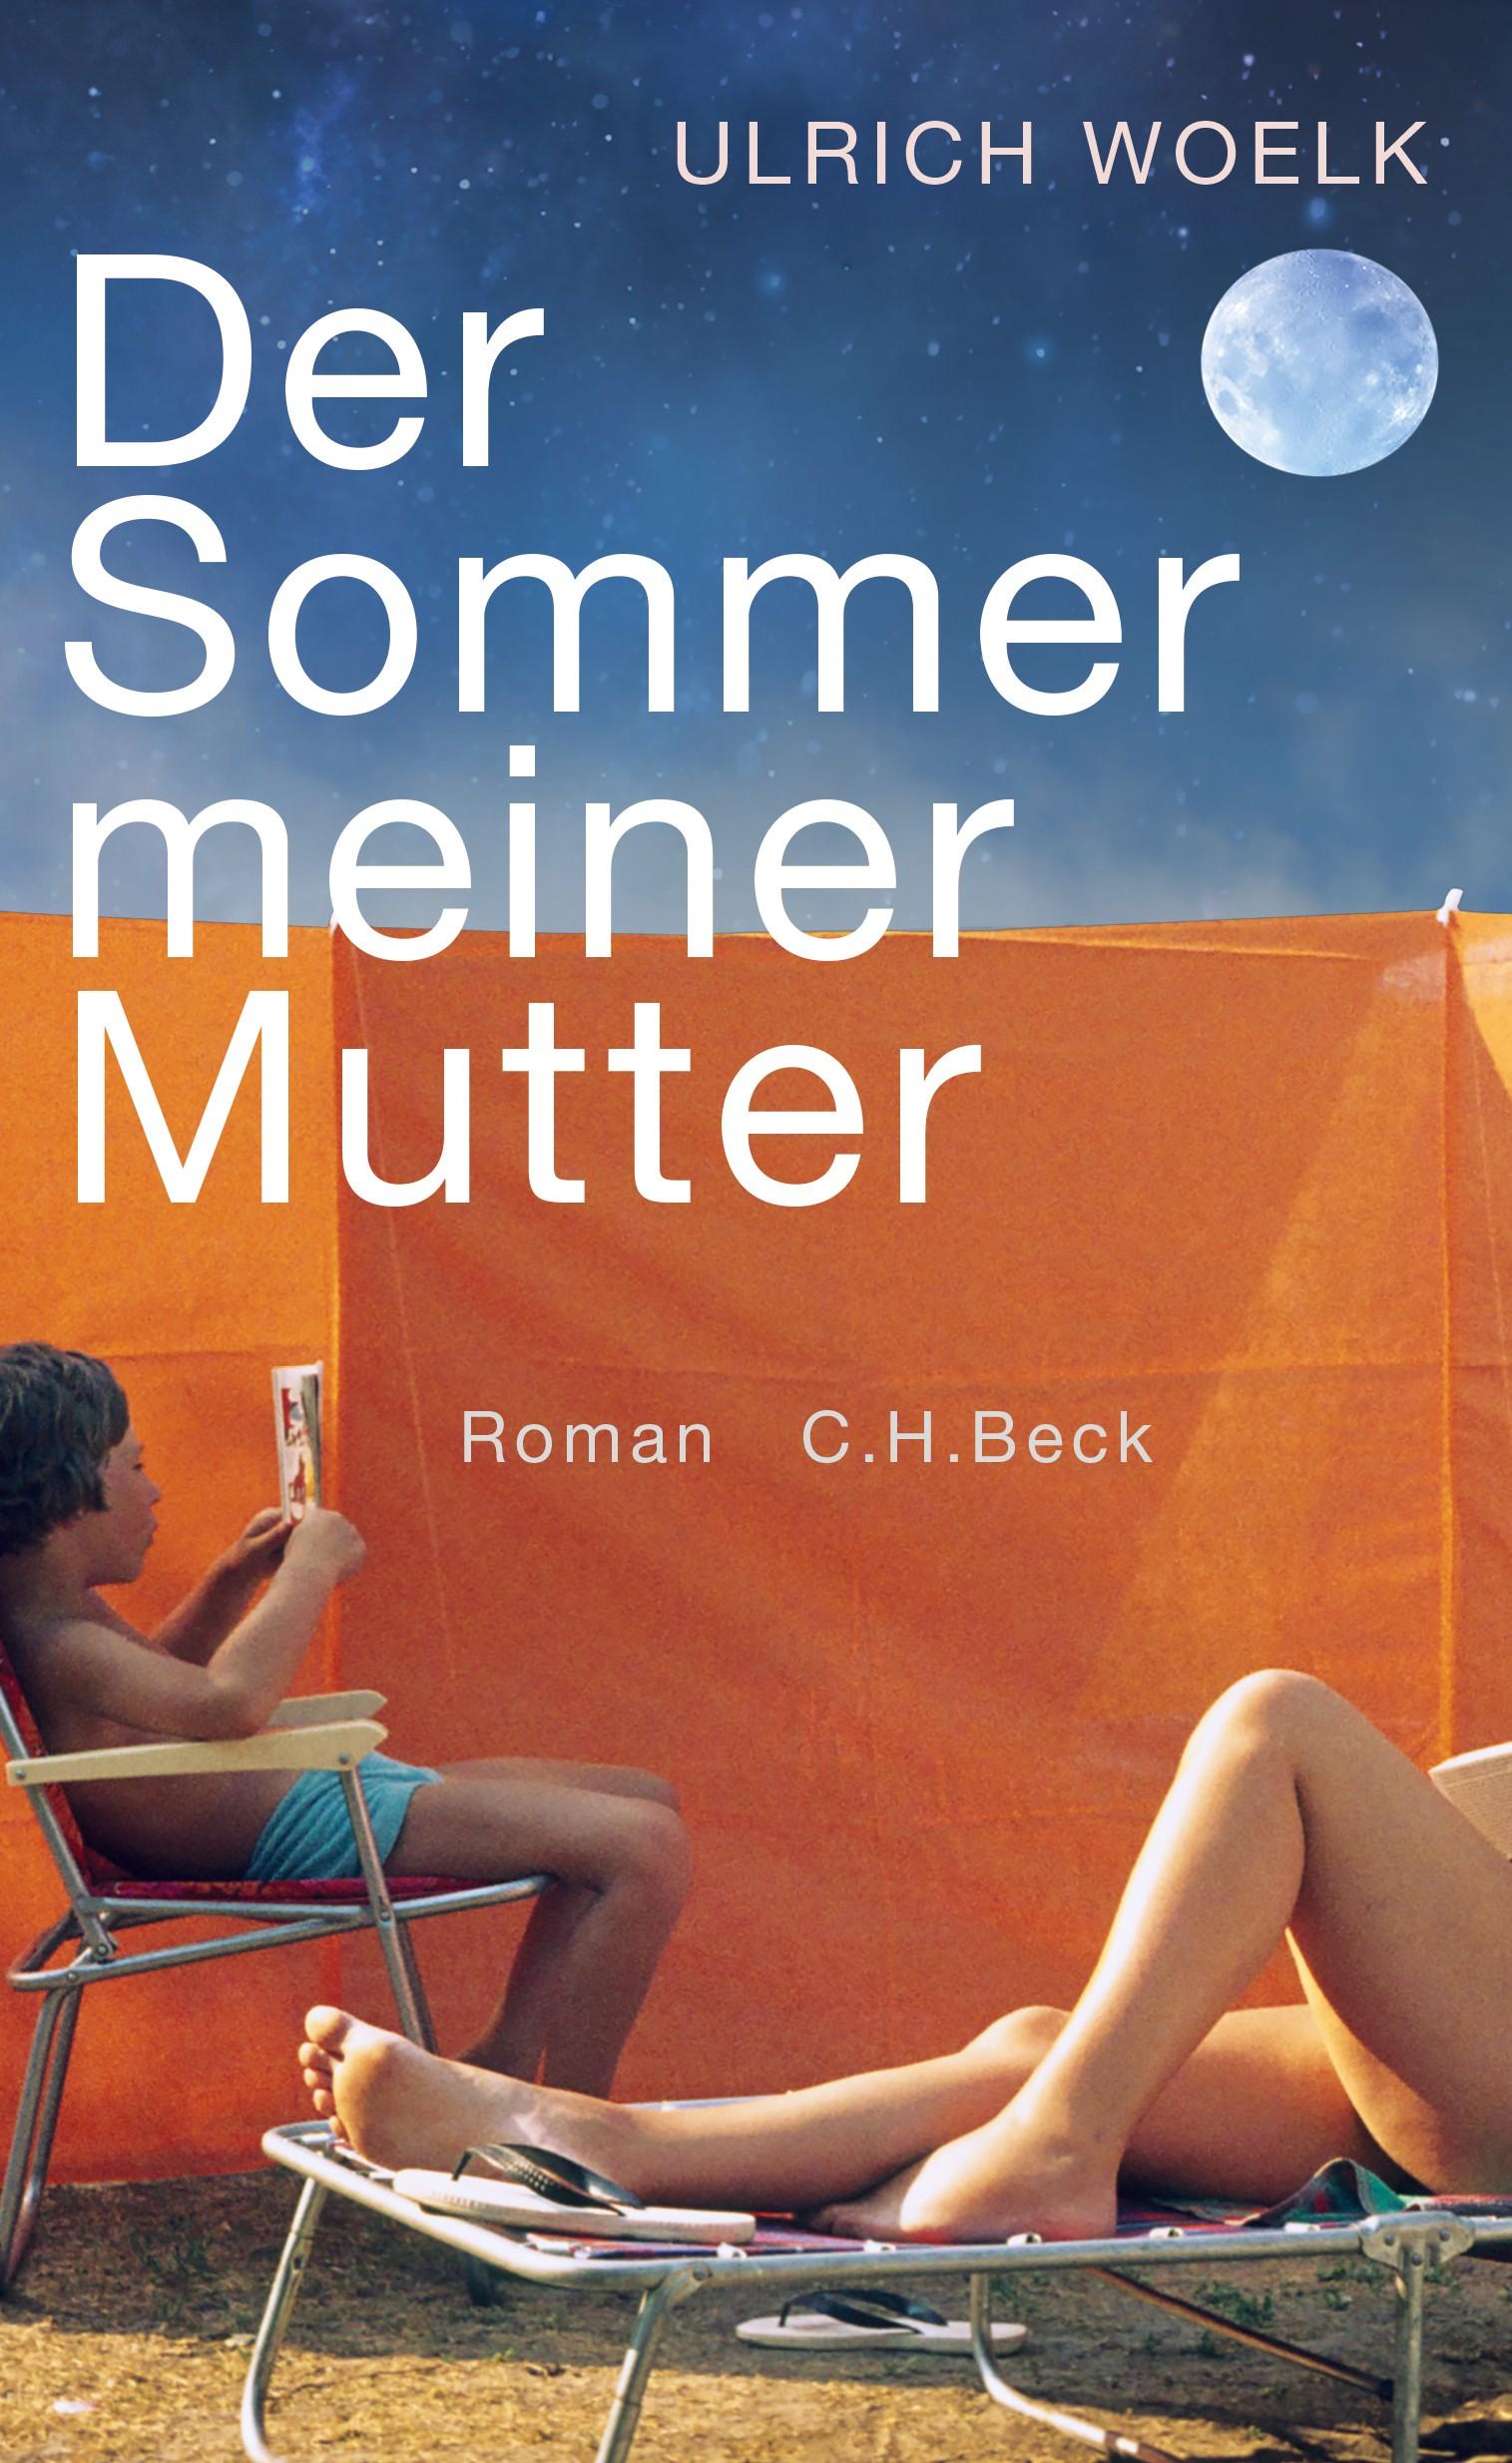 Der Sommer meiner Mutter | Woelk, Ulrich, 2019 | Buch (Cover)